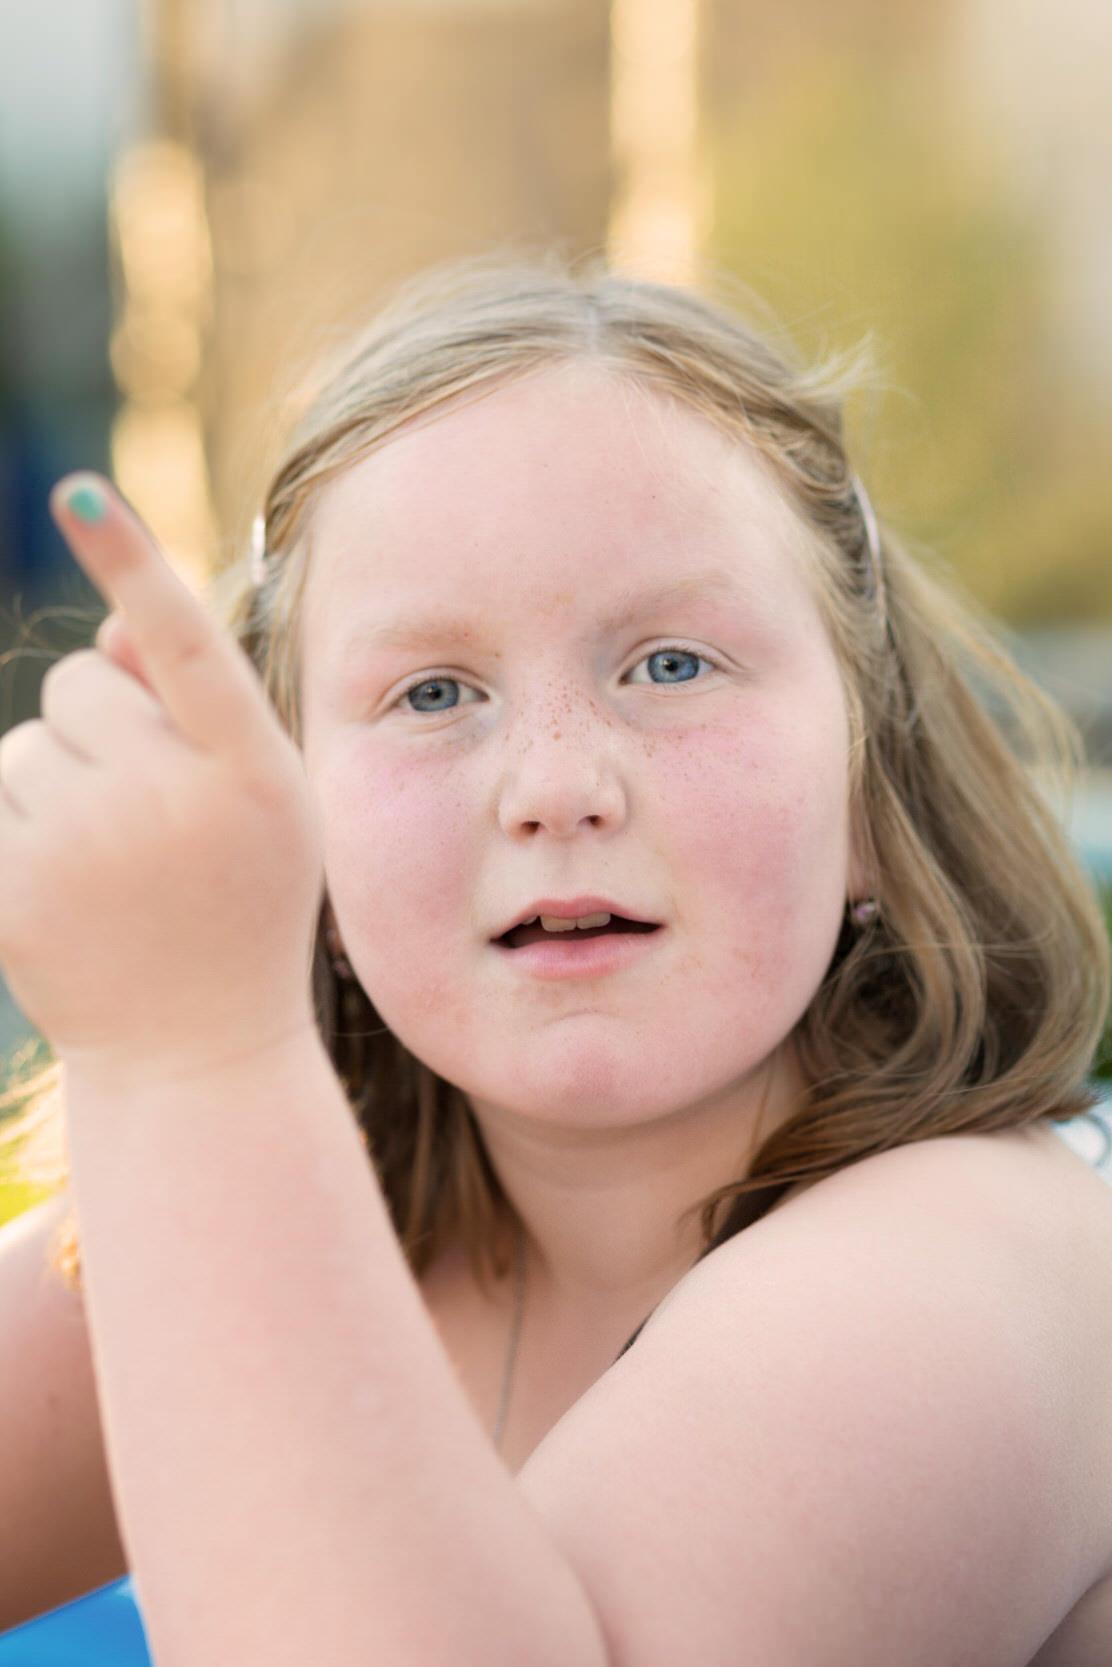 Portrait eines jungen Mädchens welches in die Kamera schaut.